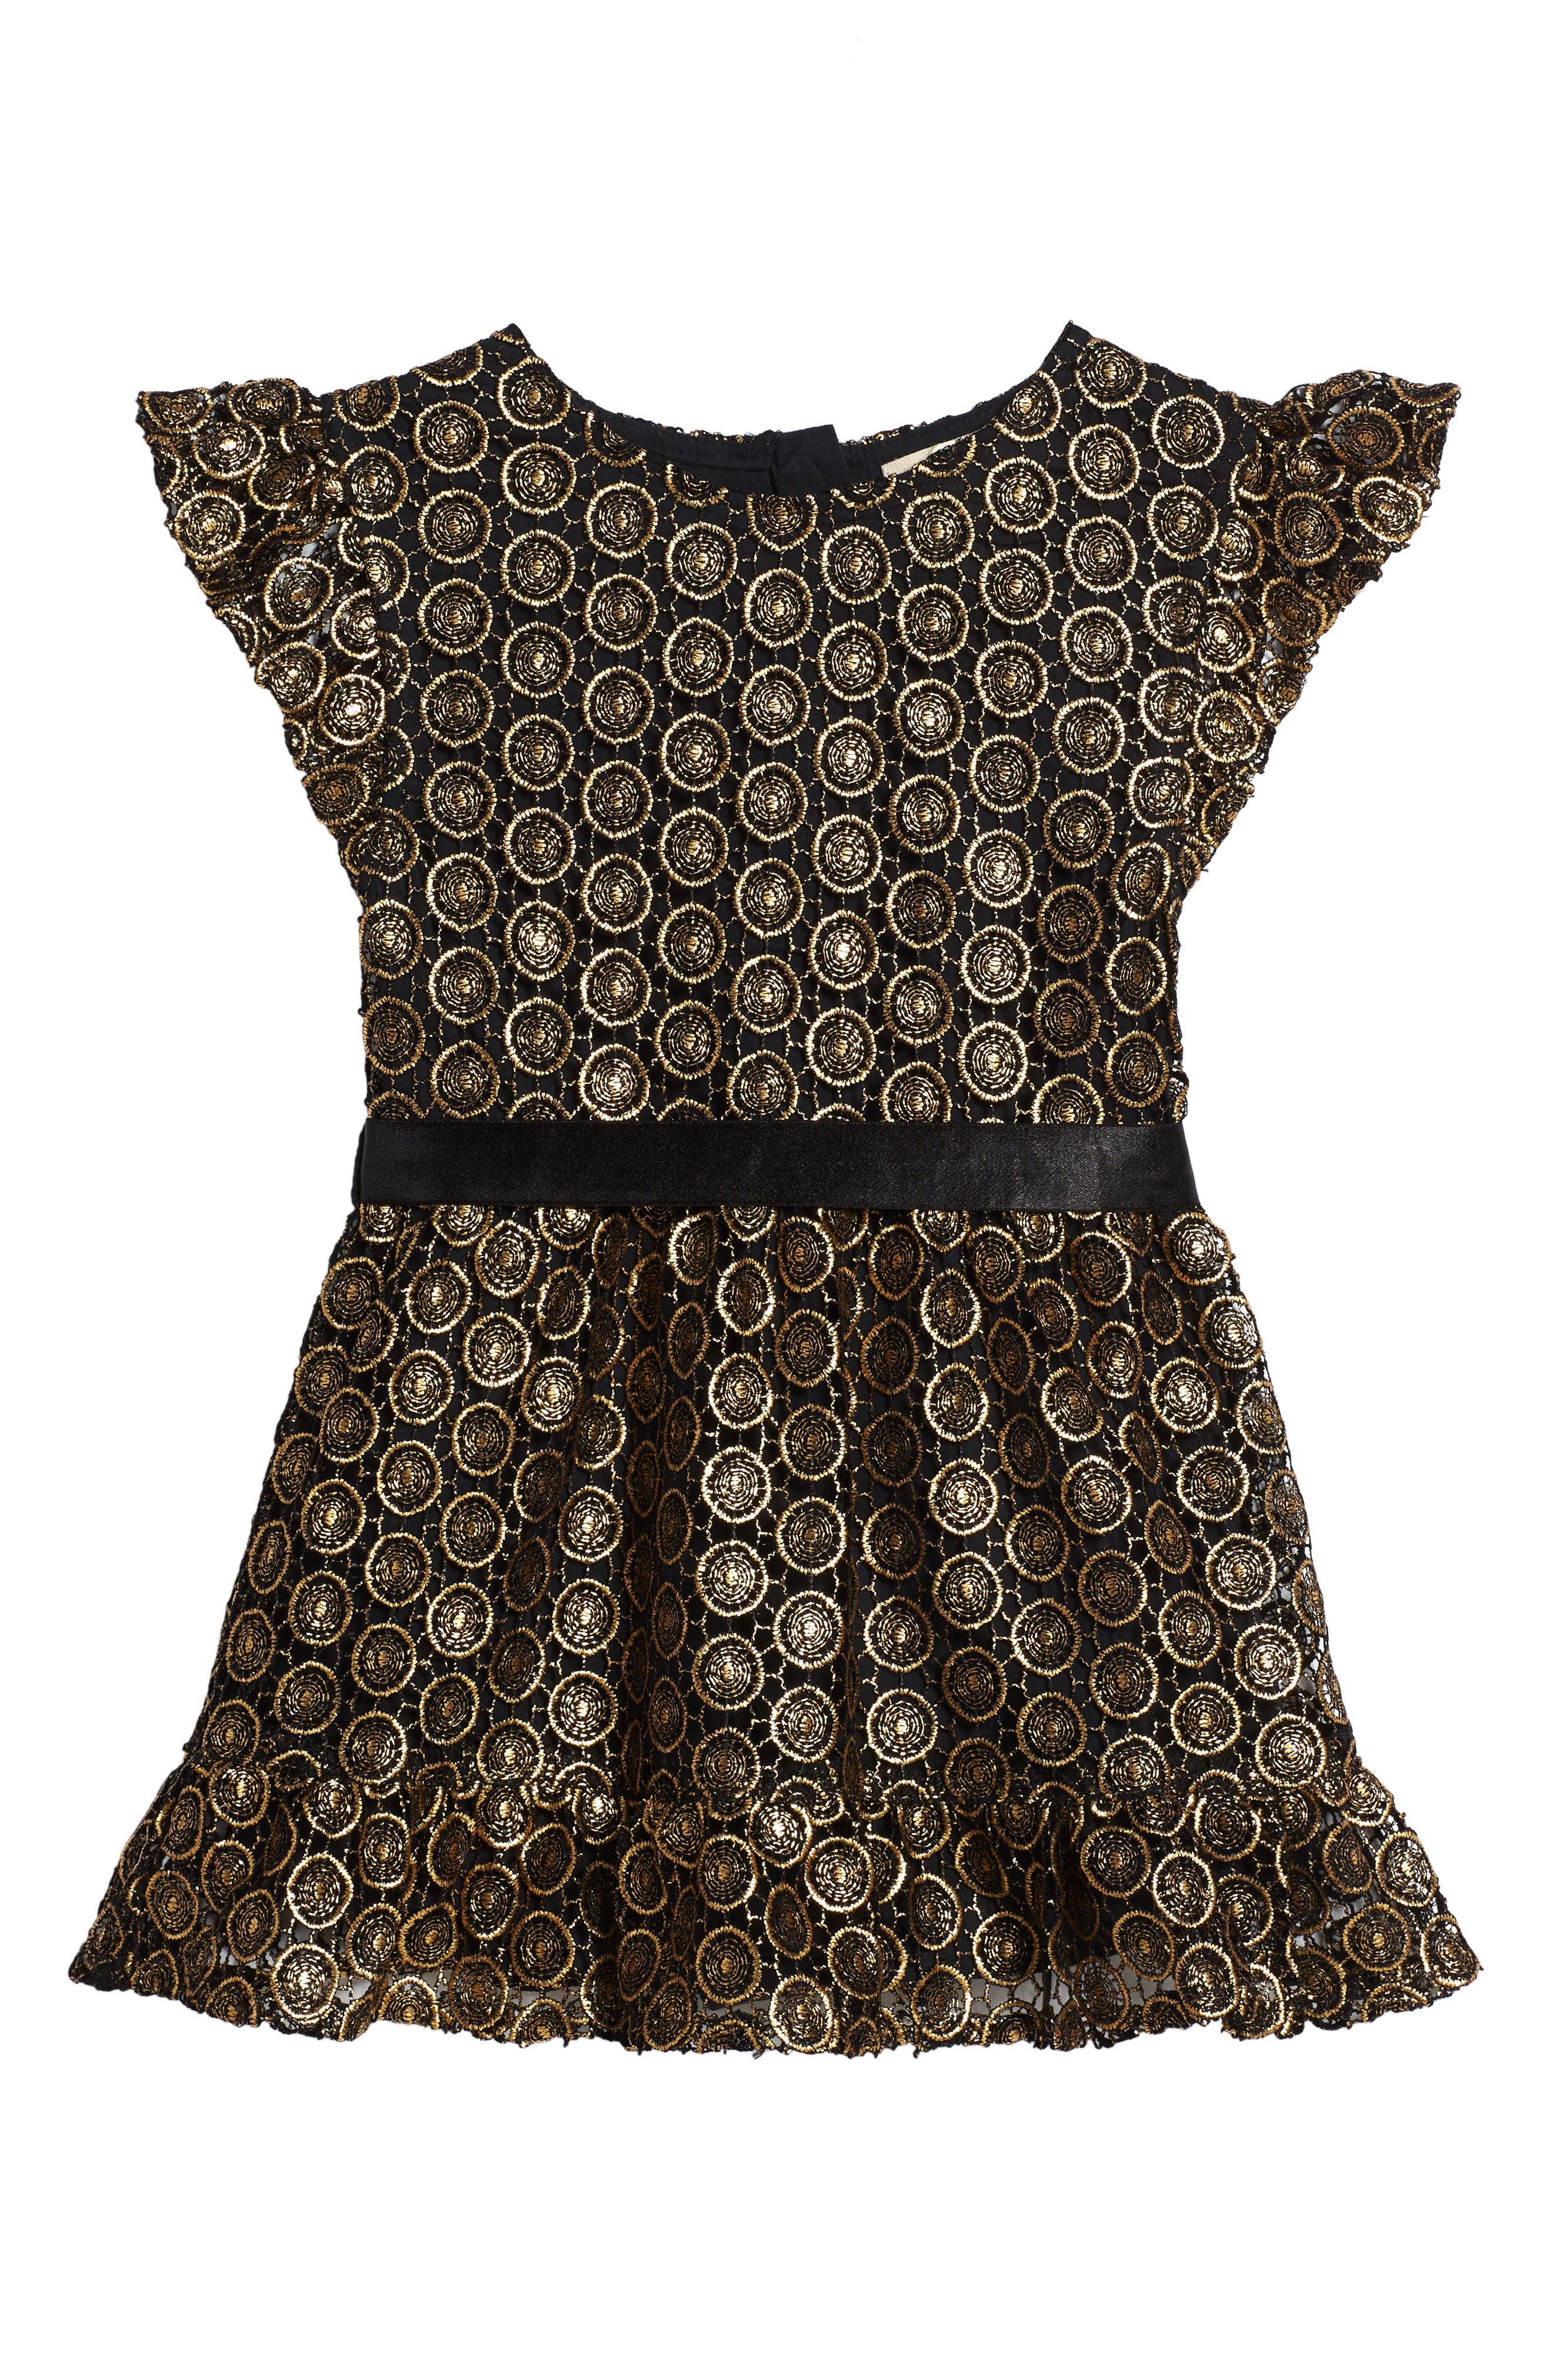 Alternate Image 1 Selected - Peek Metallic Lace Dress (Toddler Girls, Little Girls & Big Girls)